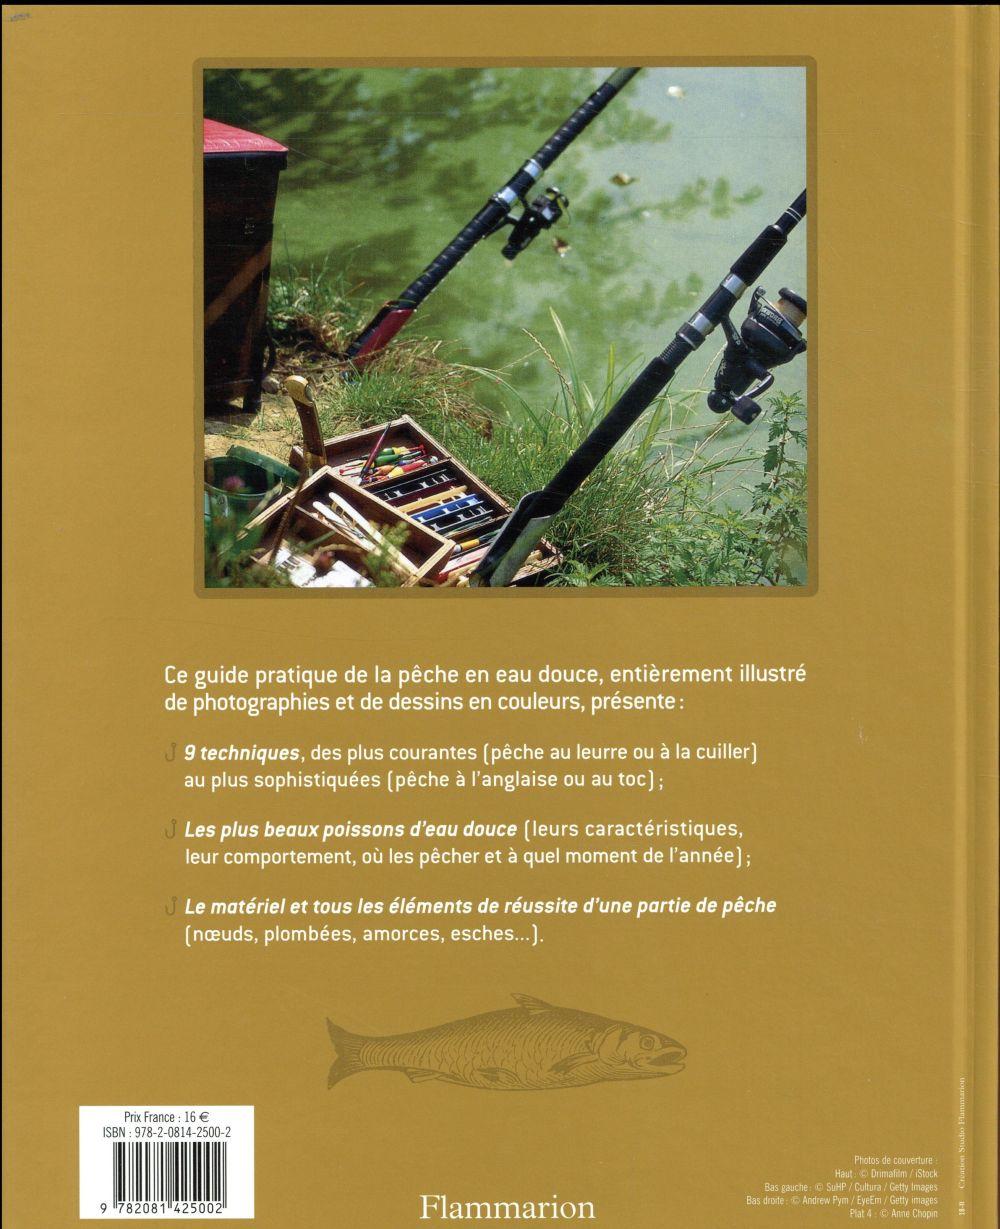 Le nouveau livre de la pêche ; toutes les techniques de base en eau douce